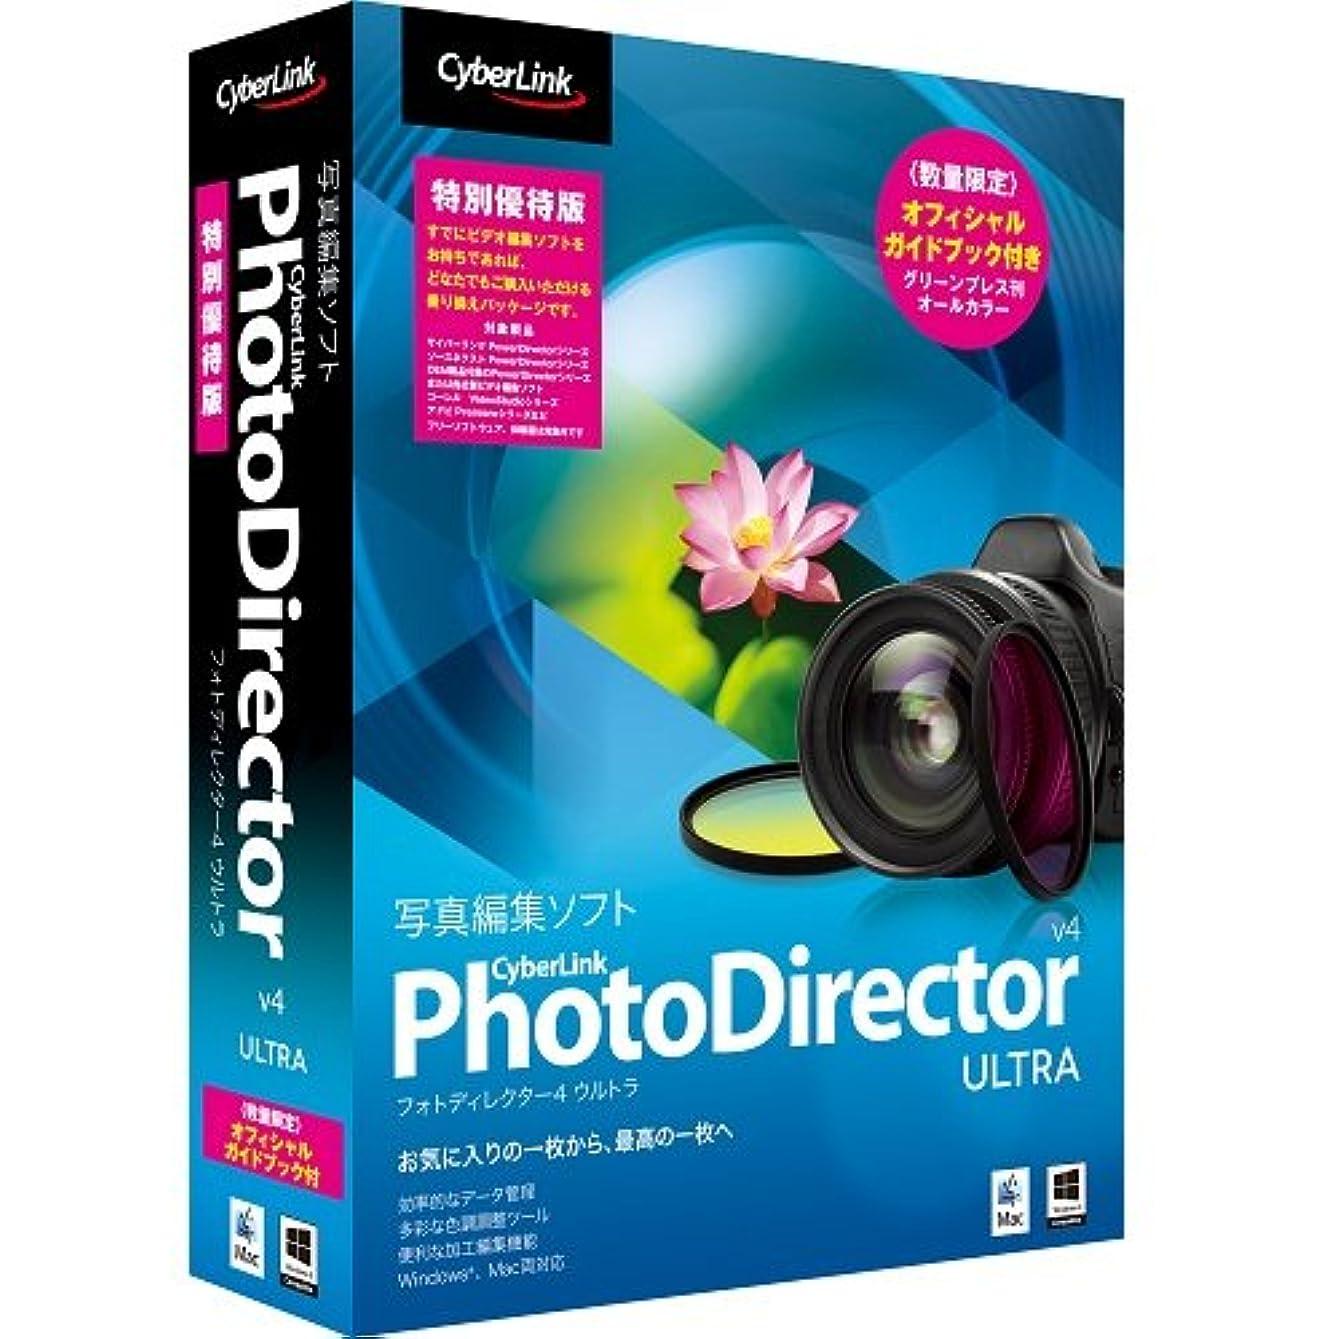 レオナルドダ関与する確かなPhotoDirector4 Ultra 特別優待版